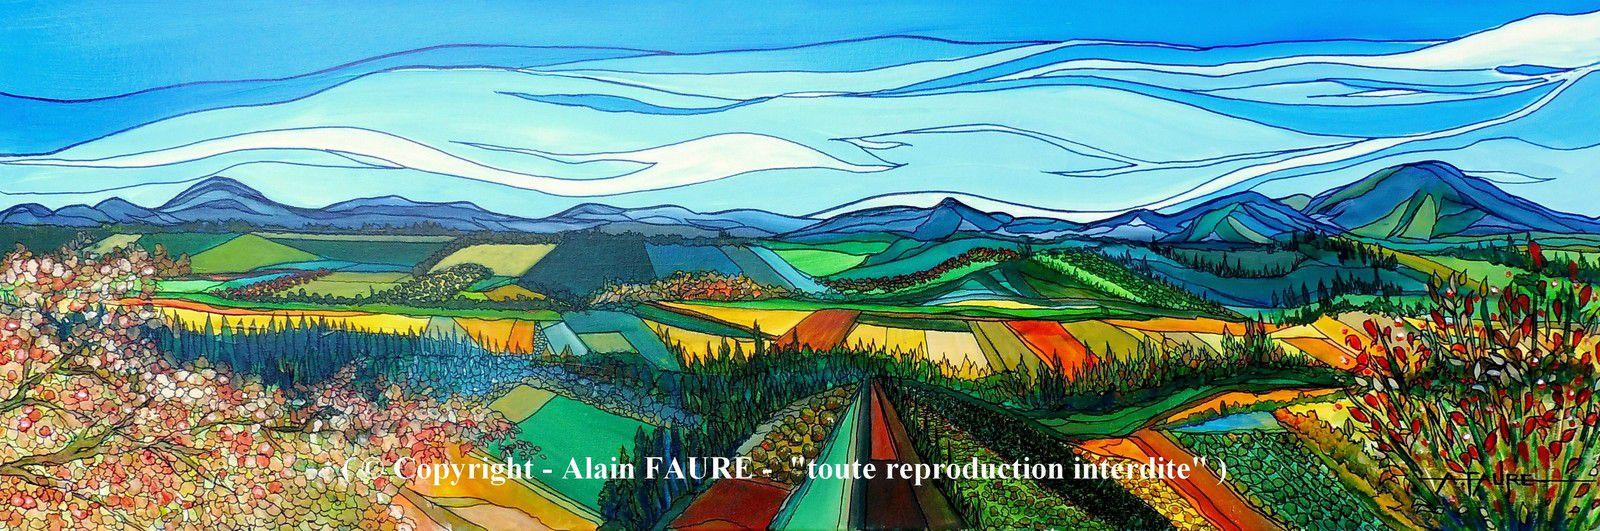 AUTOMNE EN PROVENCE            Peinture Acrylique sur Toile : 120 x 40 cm..........1320 € -  Lorsque l'on a la chance de se promener ou de randonner dans les Alpilles, le Luberon, les Dentelles de Montmirail  ou le Ventoux, en arrière saison après les grosses chaleurs de l'été, les massifs offrent  des teintes nuancées  rendues magiques par la douce  lumière de l'automne. Prendre de la hauteur et savourer l'instant privilégié d'une vue panoramique sur les vignes, les oliveraies et tant d'autres vergers multicolores.